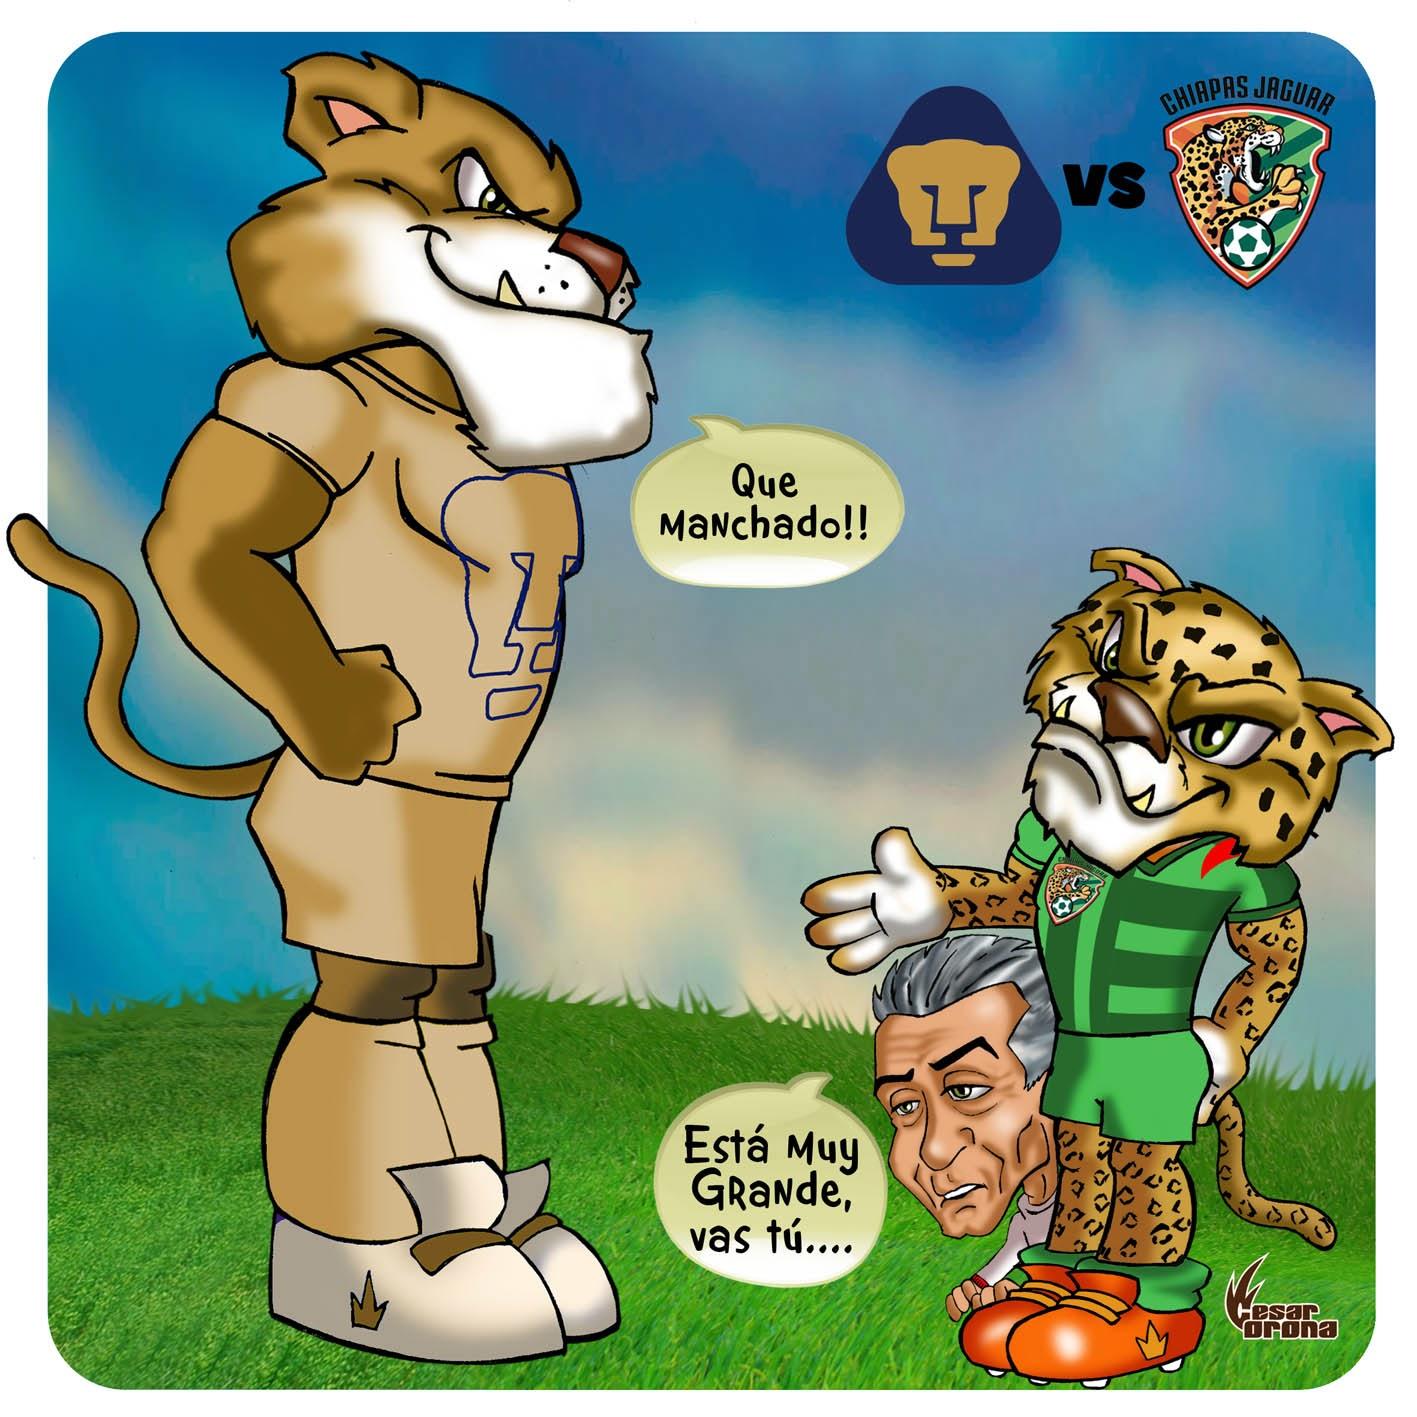 Imagenes De Caricaturas De Futbol - Dream Team #12 Creando espacios Caricaturas animadas